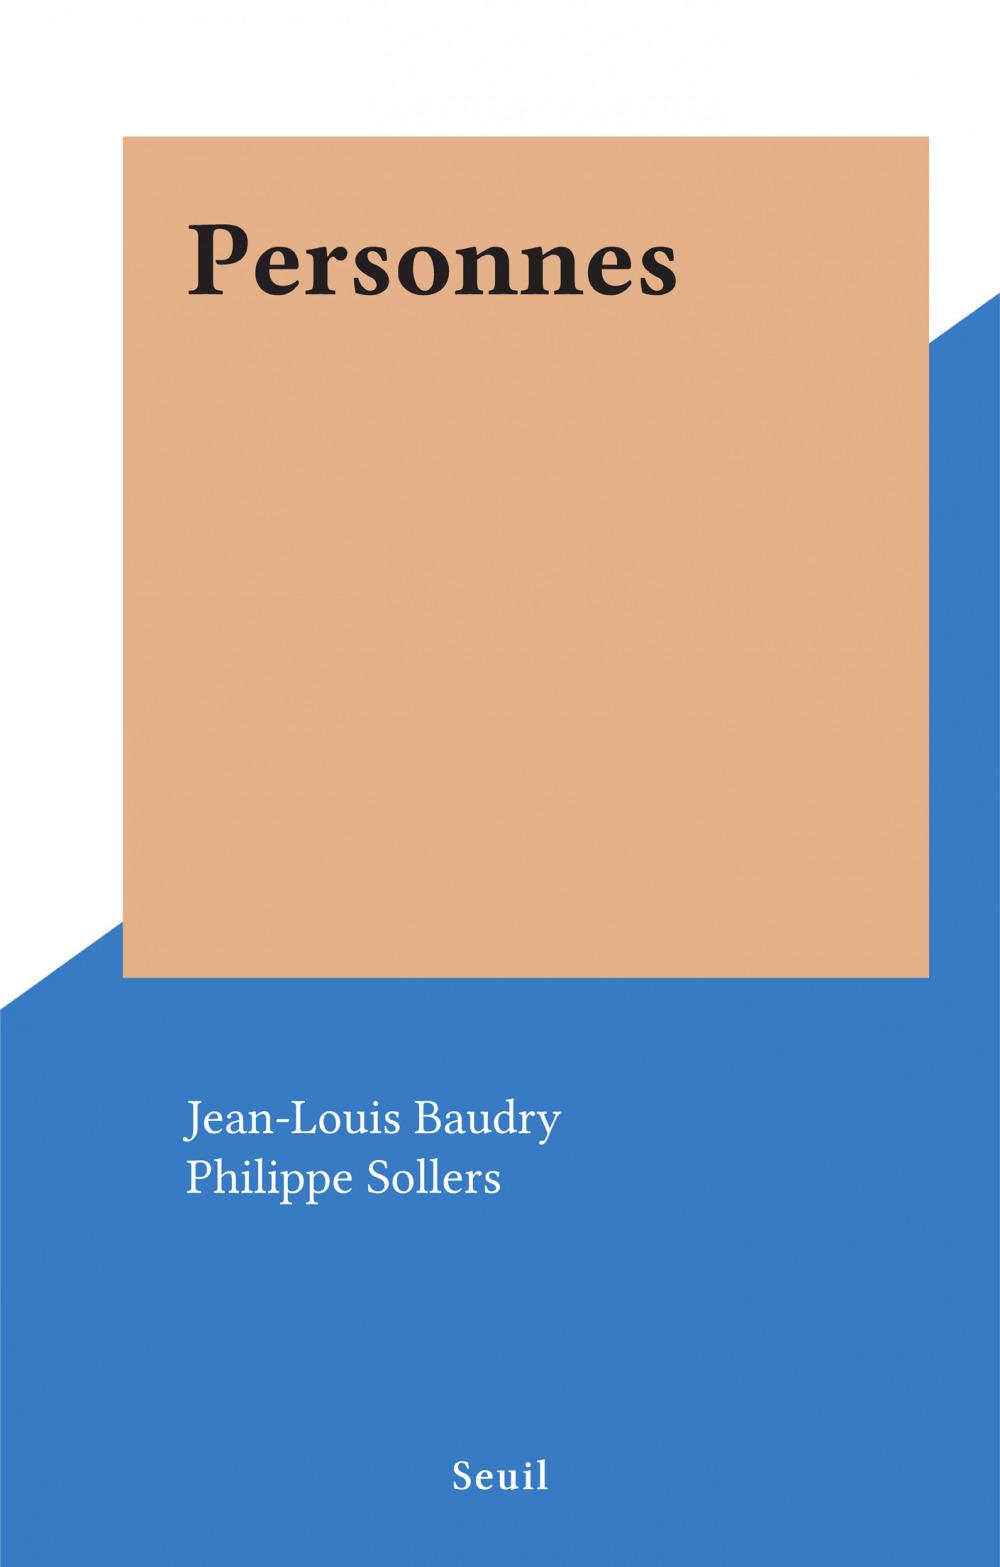 Personnes  - Jean-Louis Baudry